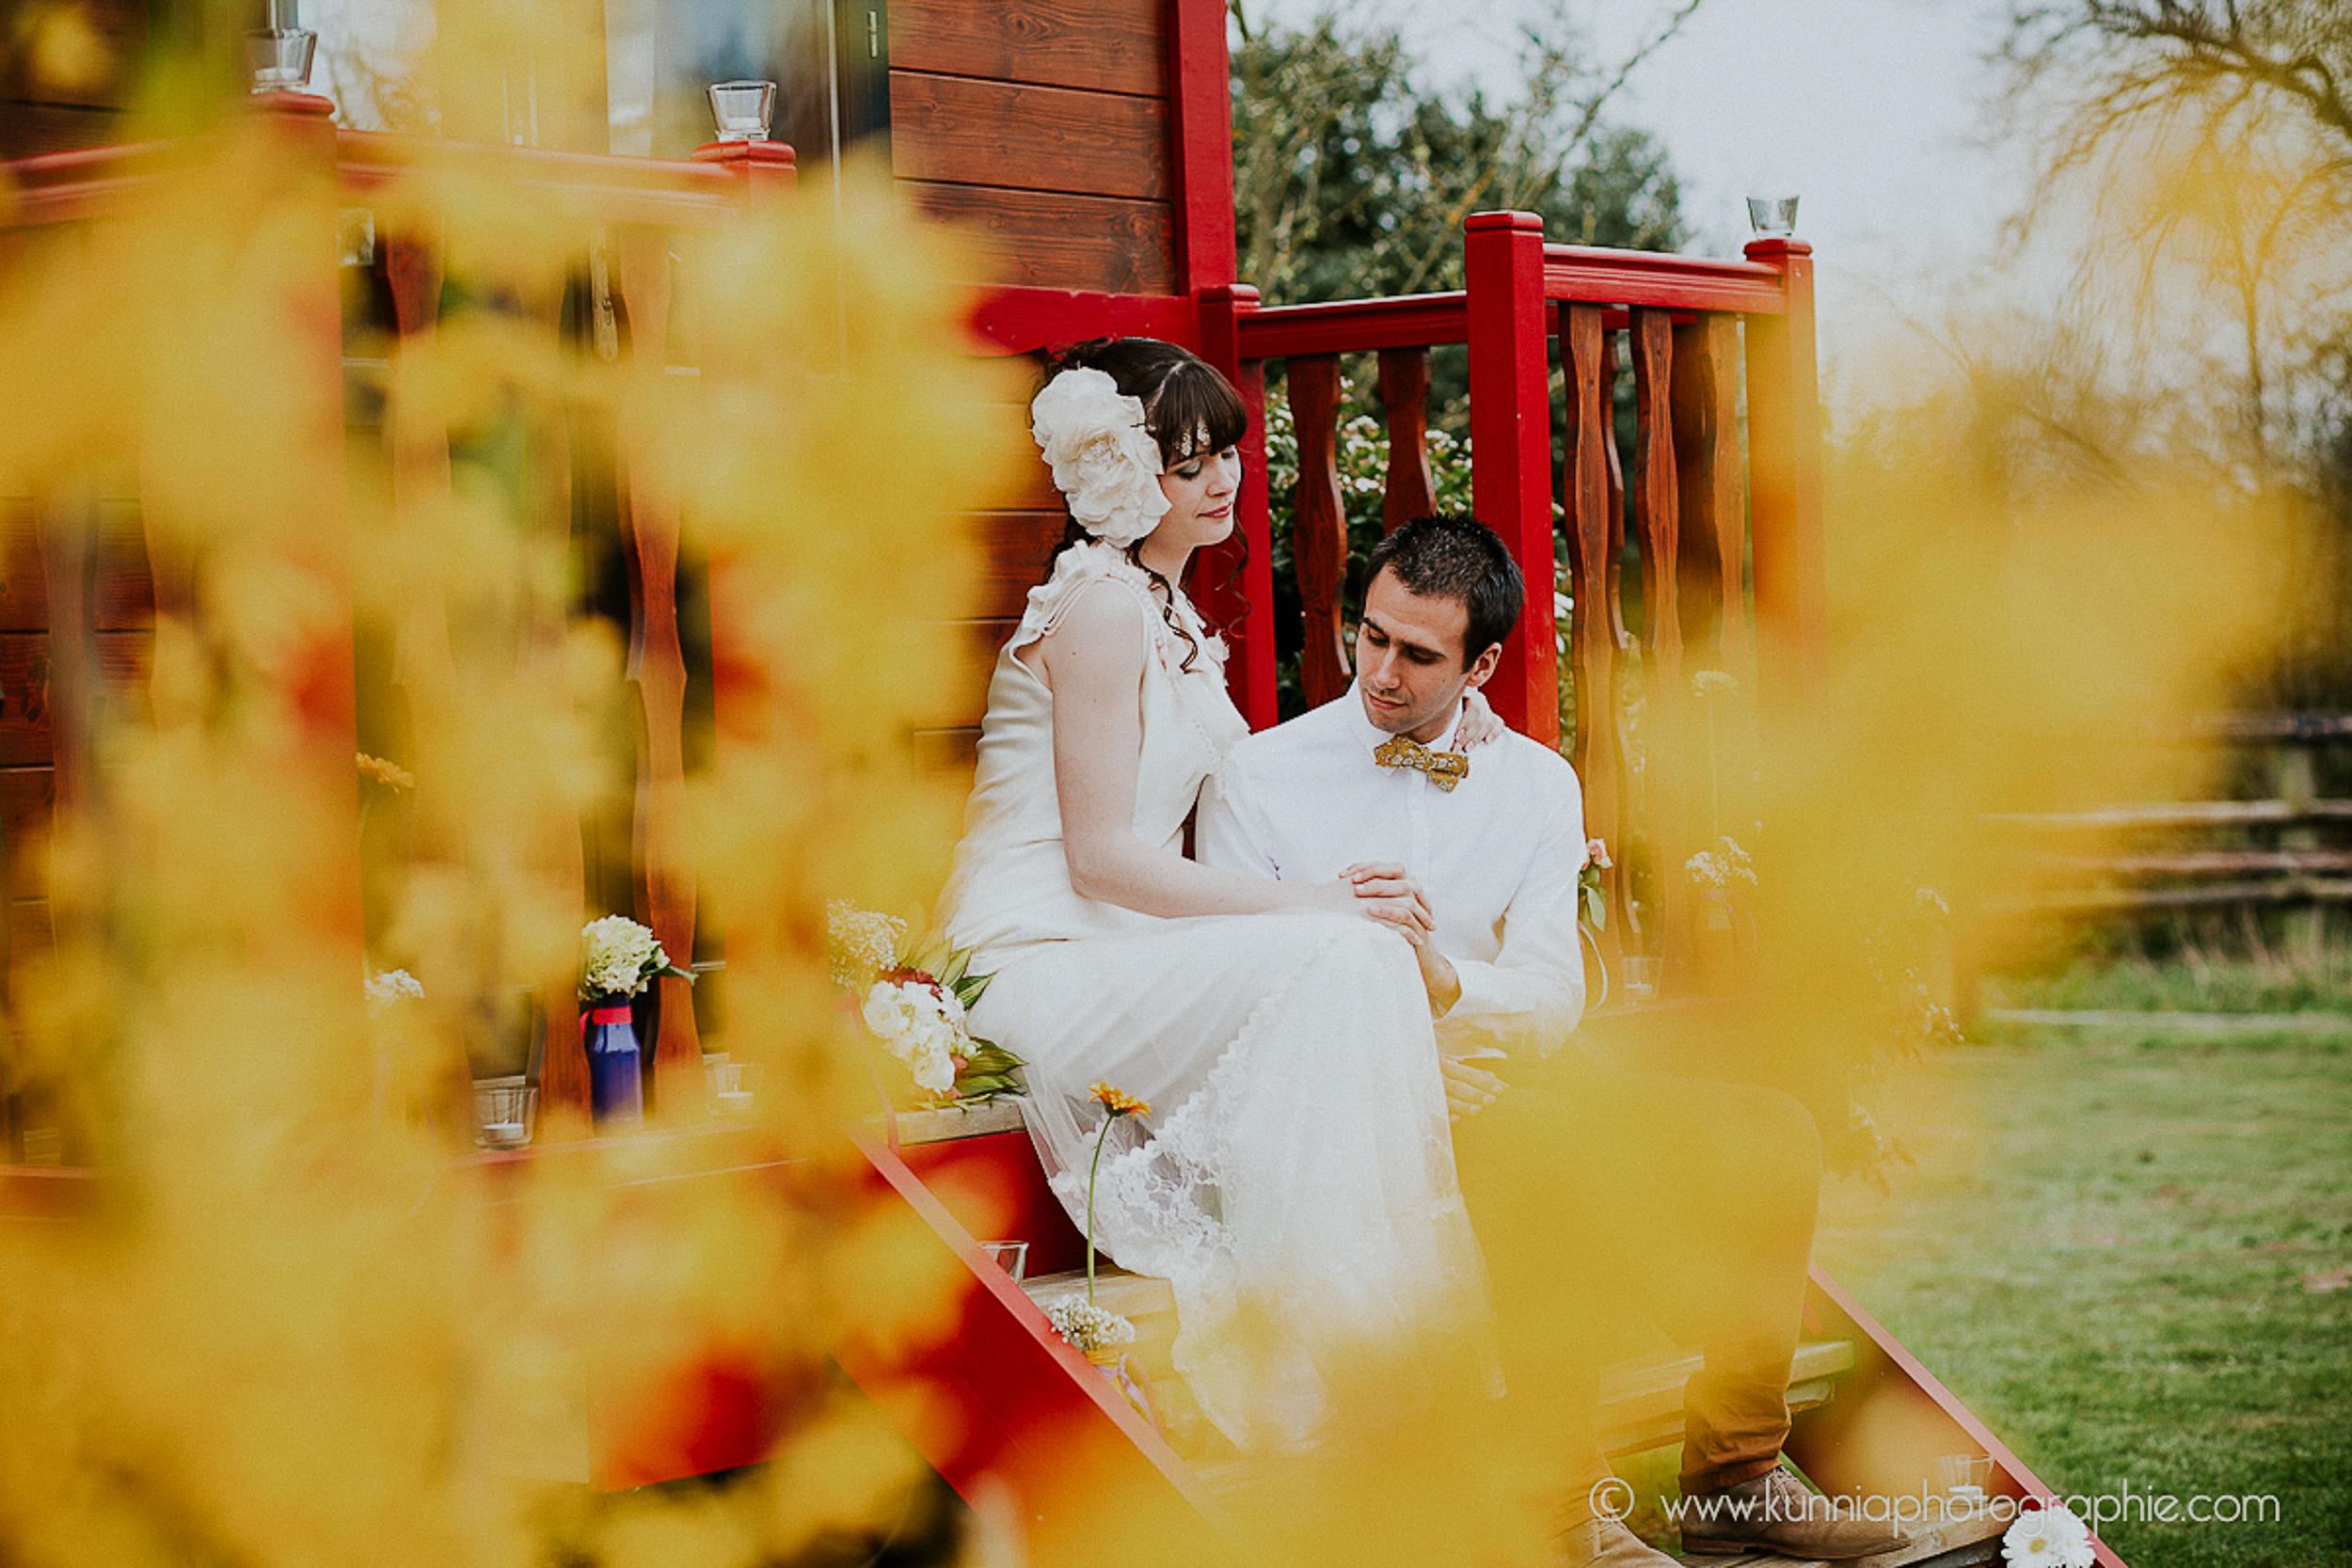 mariage boheme roulotte